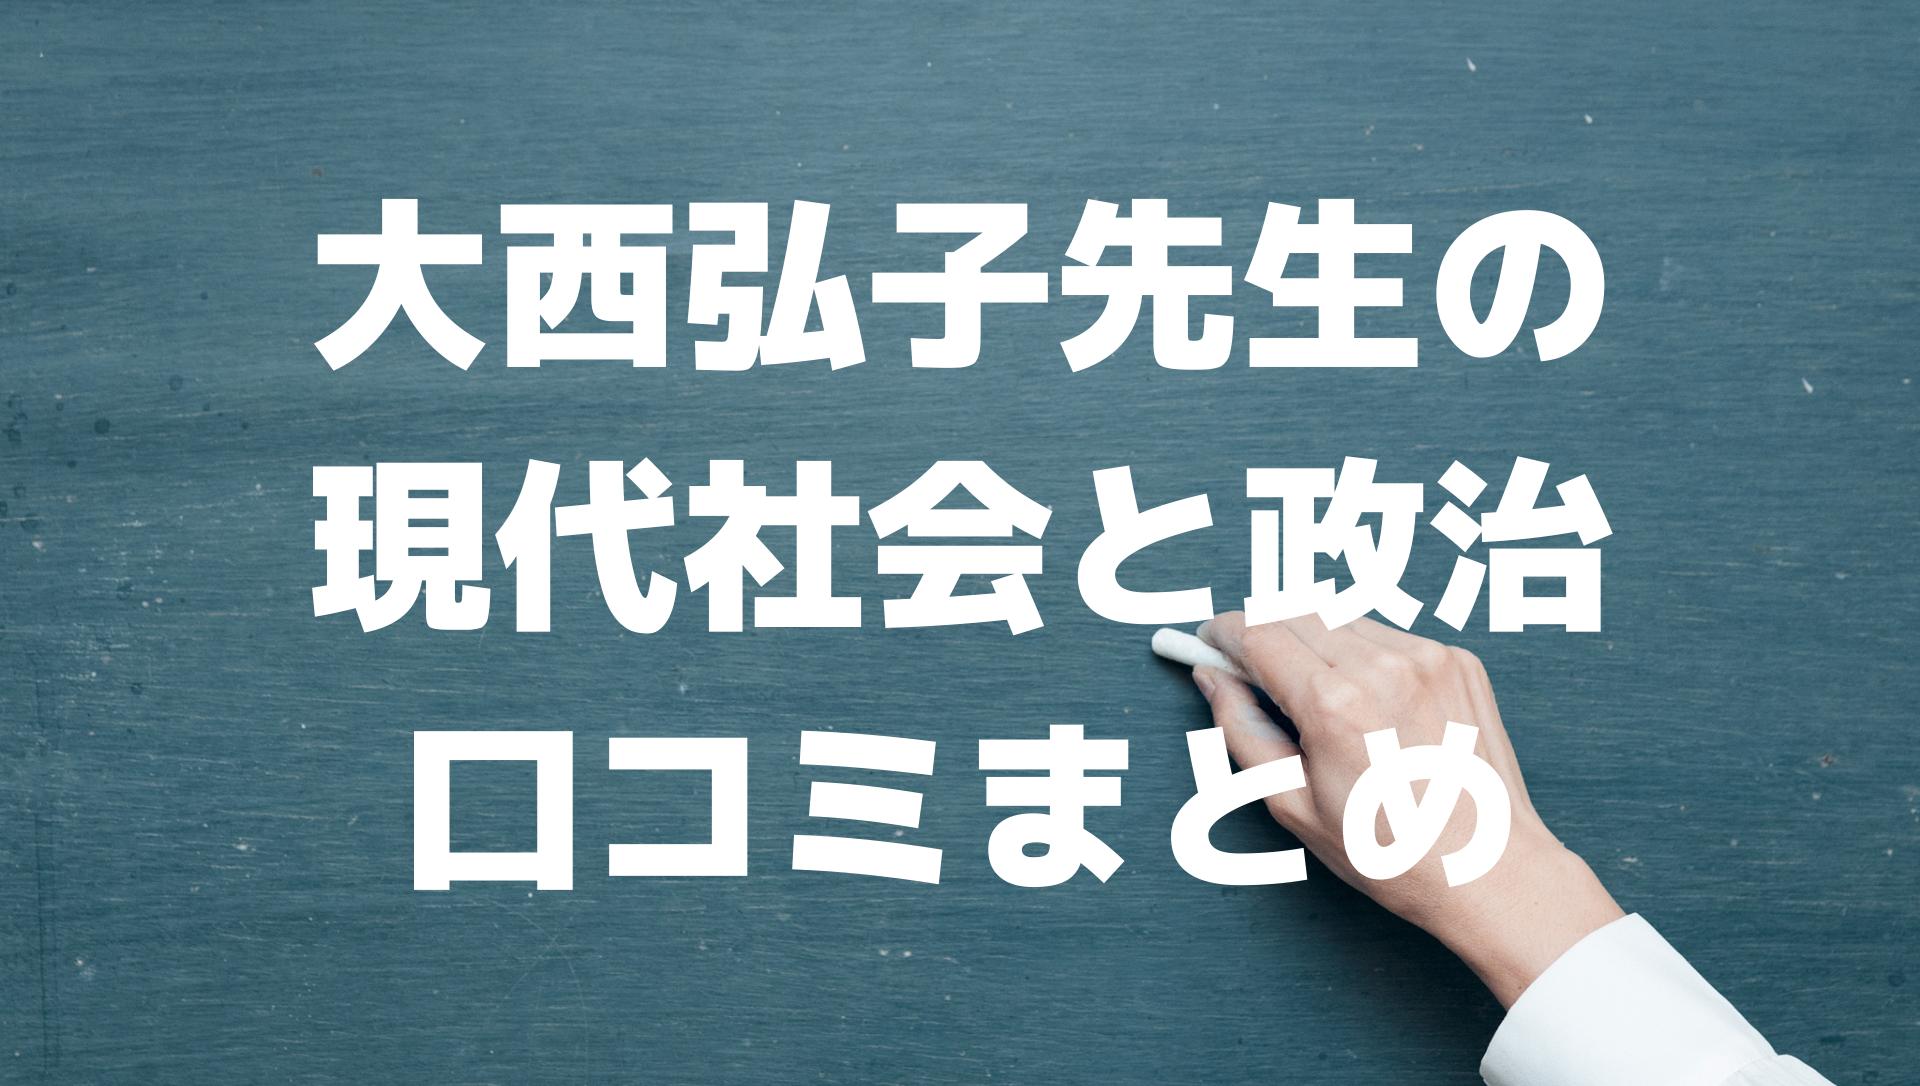 大西弘子先生の現代社会と政治